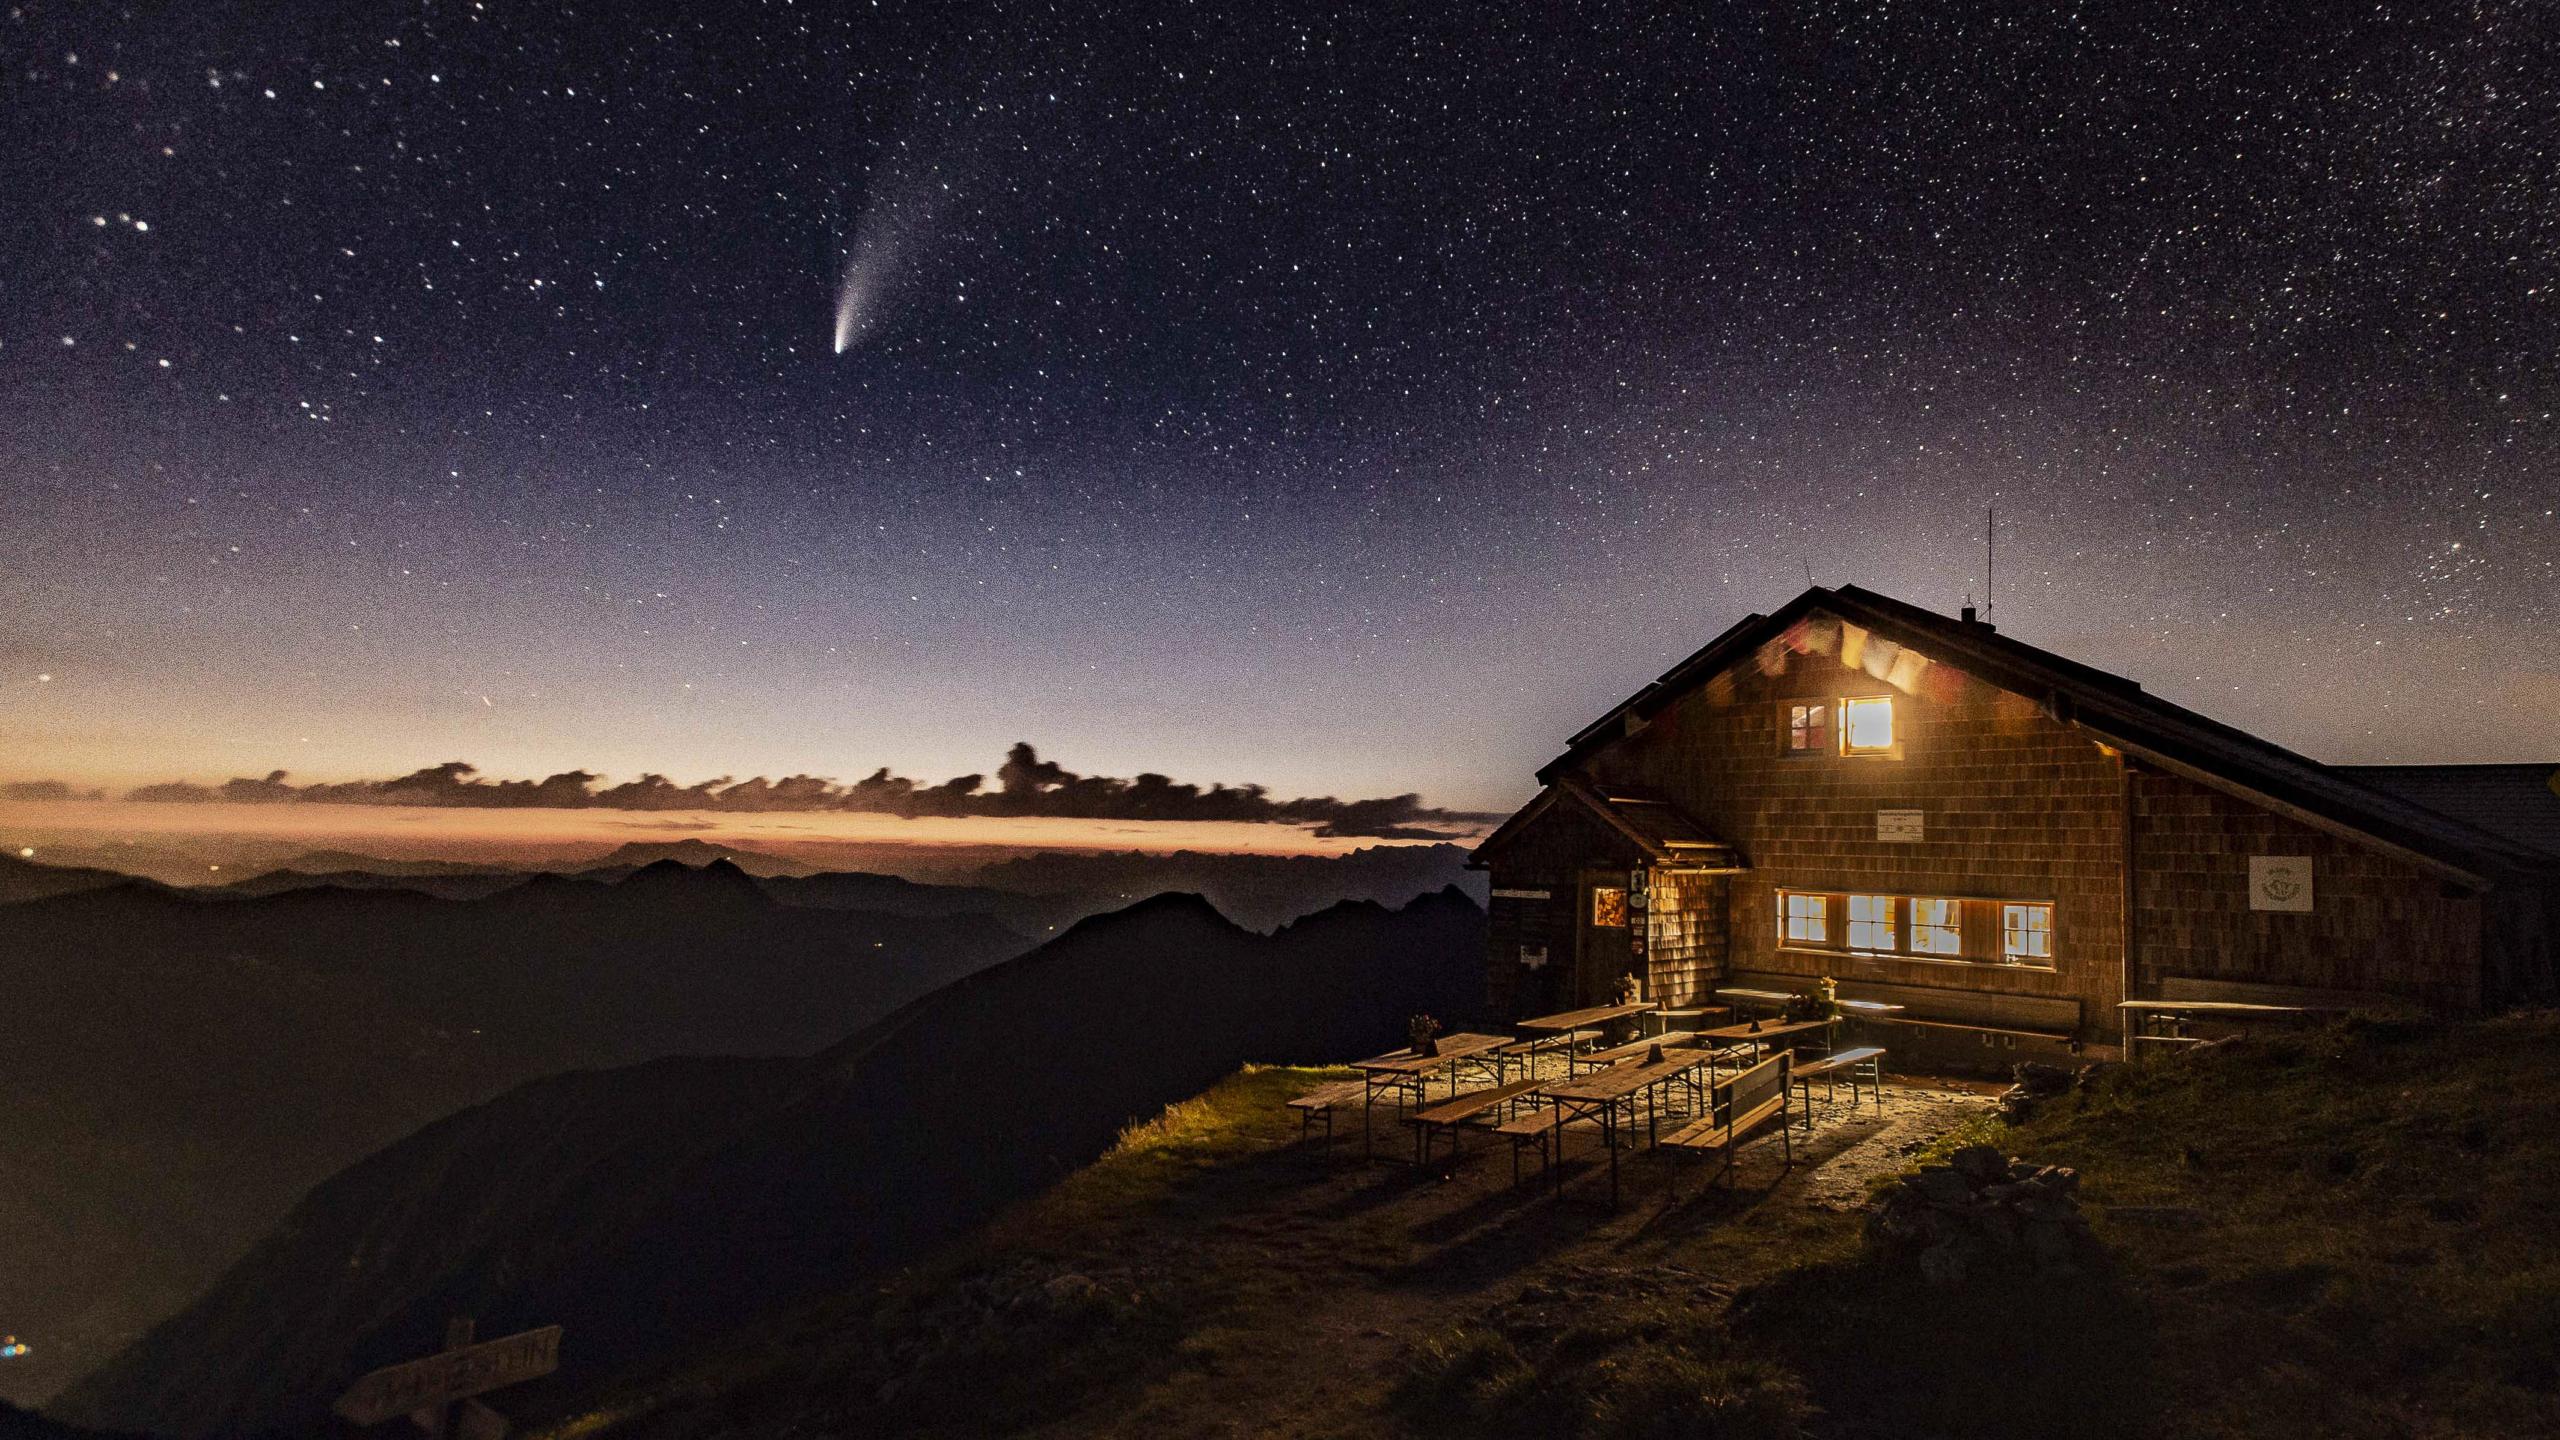 Gamskarkogel, Gamskarkogelhütte, Badgasteinerhütte, Tofernalm, Komet Neowise, Comet Neowise, Sternenhimmel, Stars